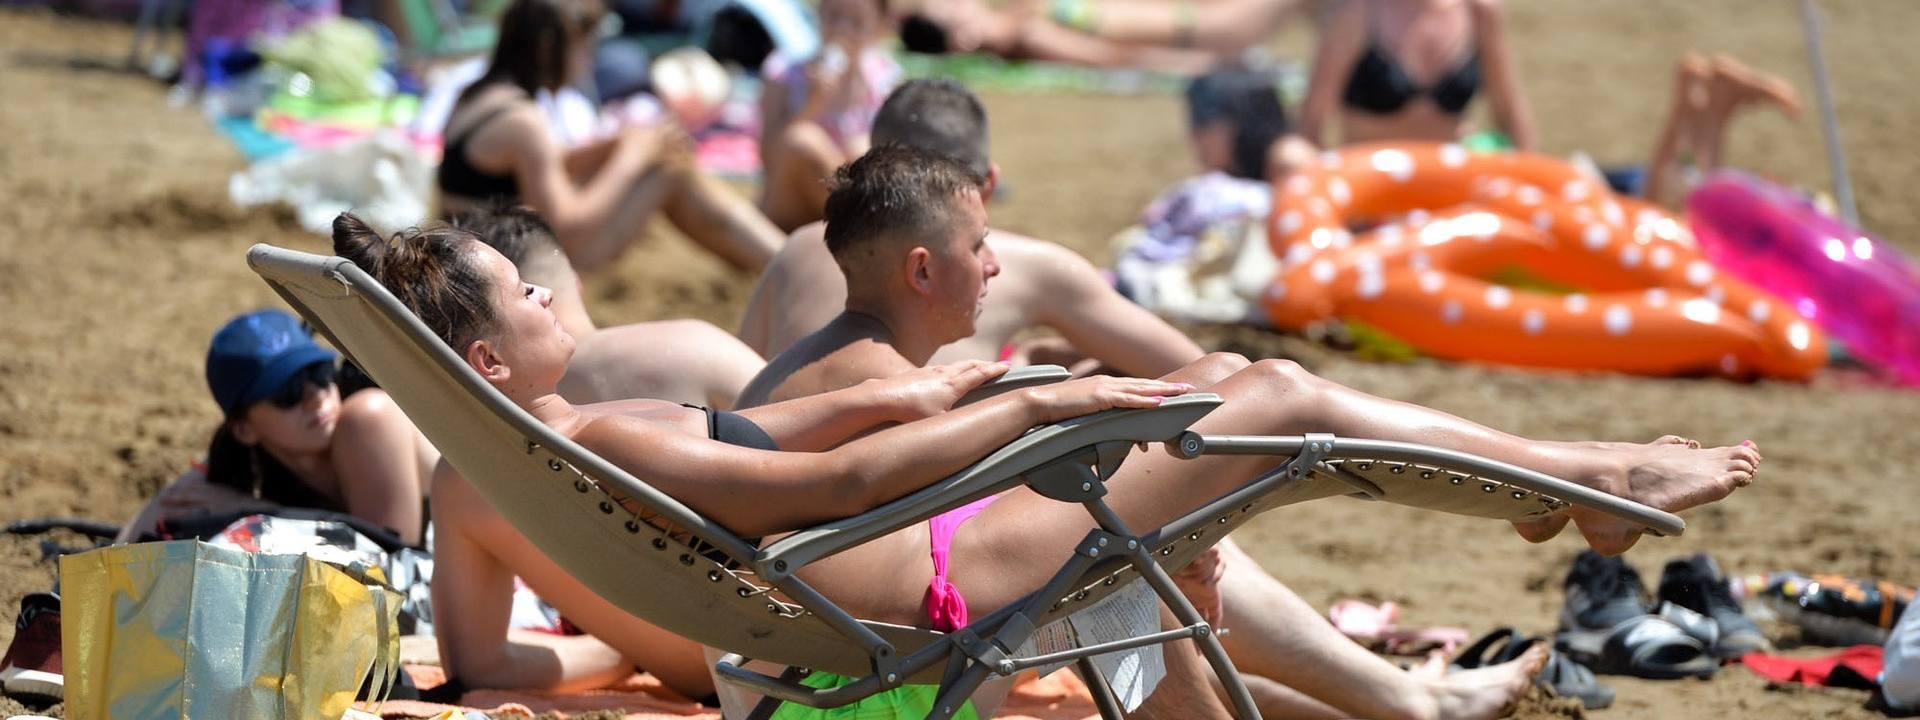 Plaża w Ostrowie pod Przemyślem. Mieszkańcy relaksująsię na żwirowni [ZDJĘCIA]